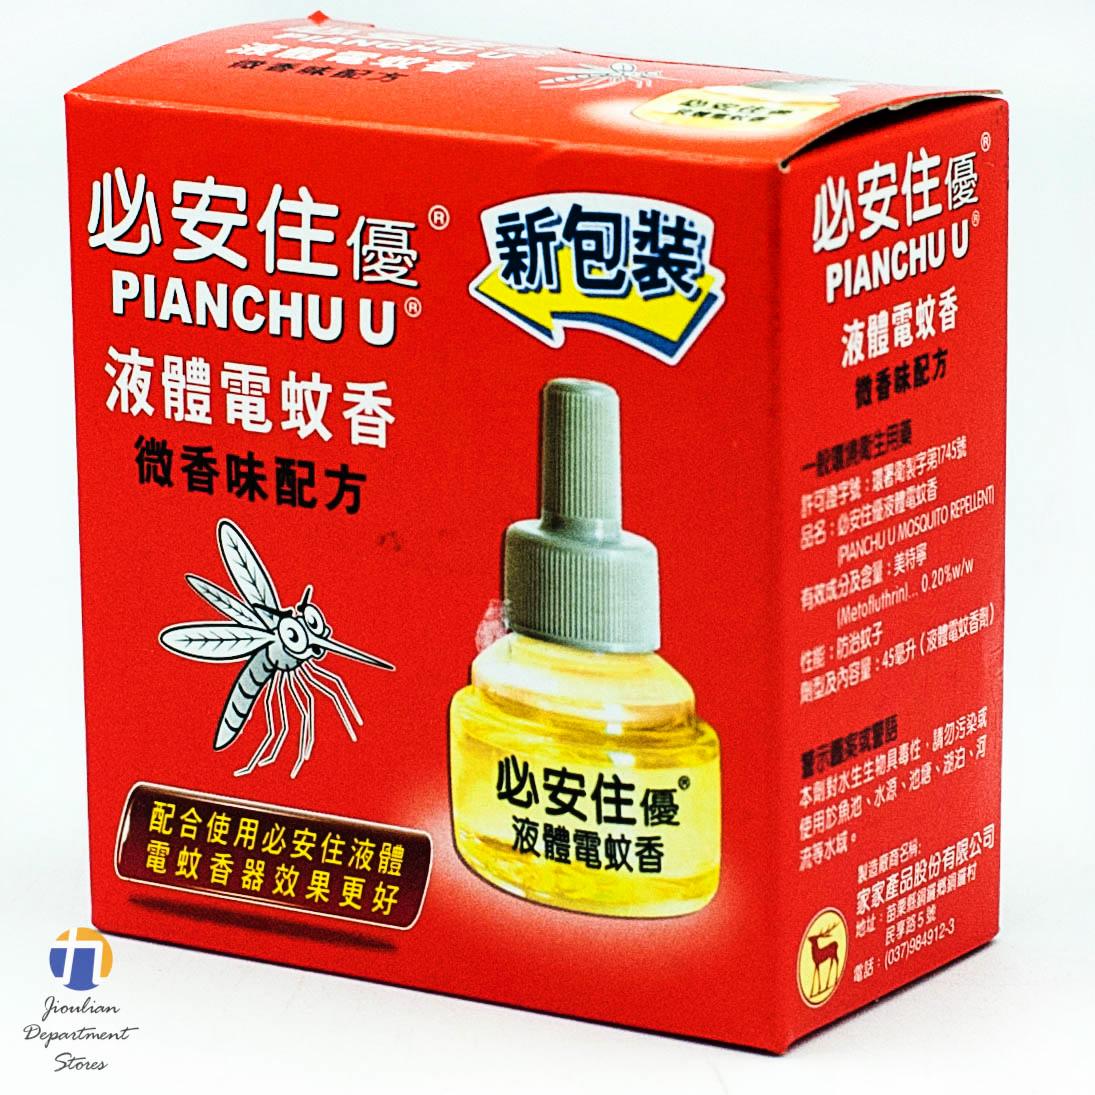 {九聯百貨} 必安住 電蚊香液 微香味配方 補充瓶 45ml 1入